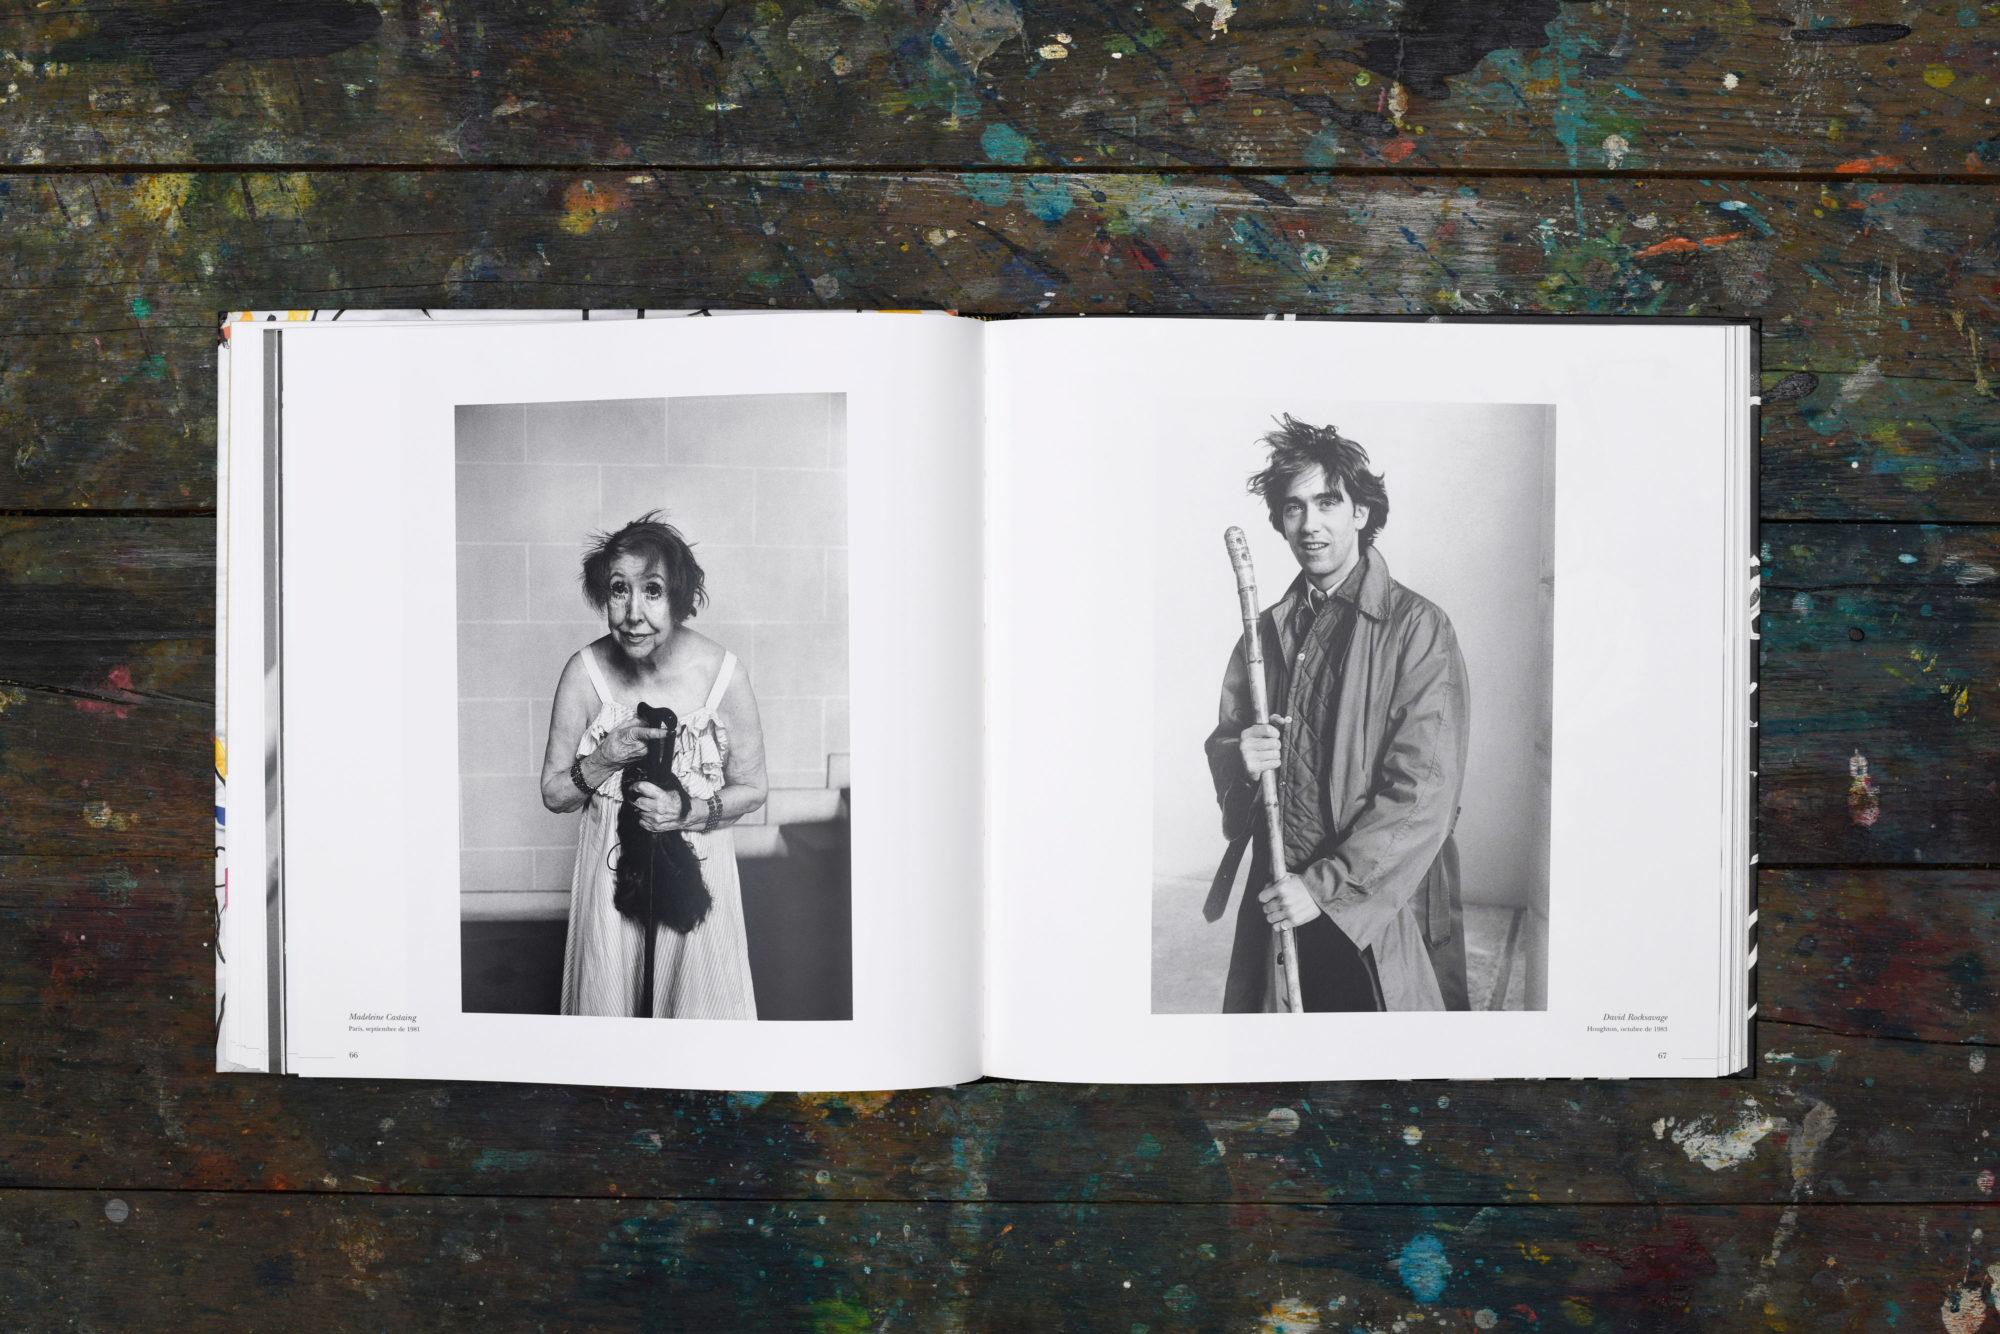 Fotos y pinturas - François-Marie Banier